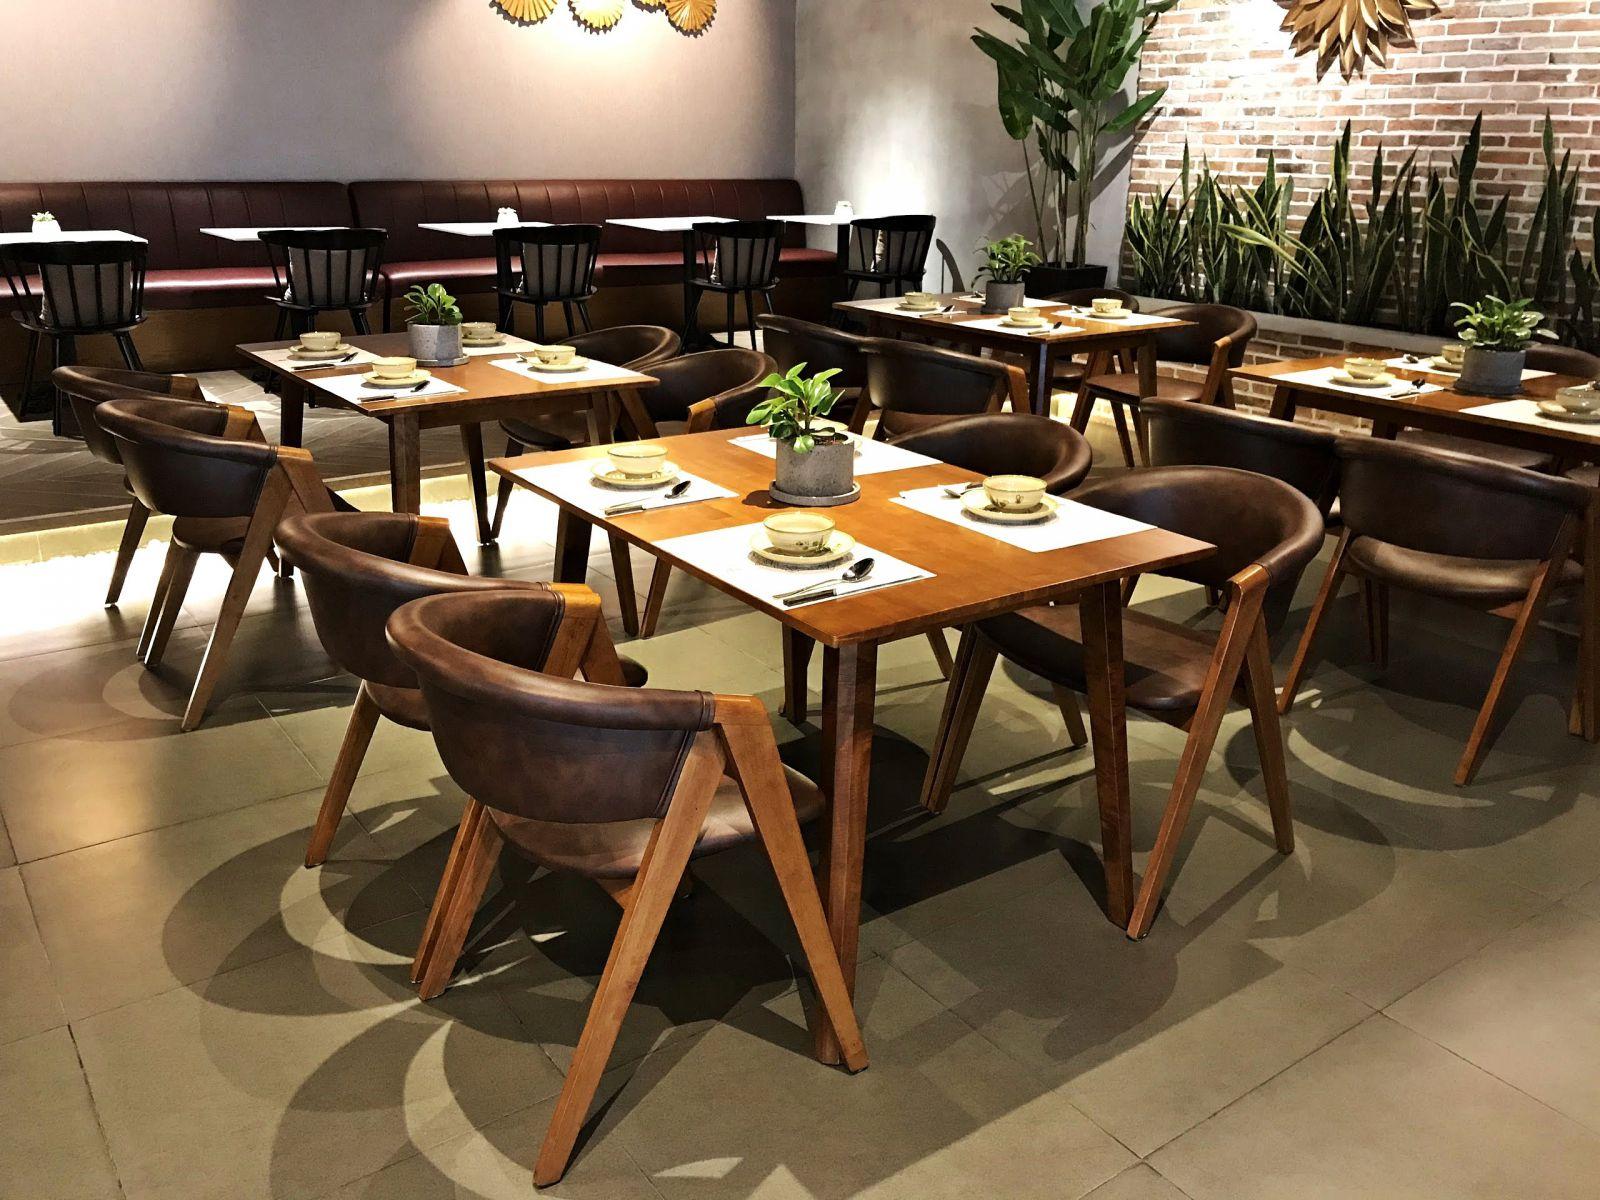 mẫu ghế gỗ mc157 cao cấp trong nội thất nhà hàng chay